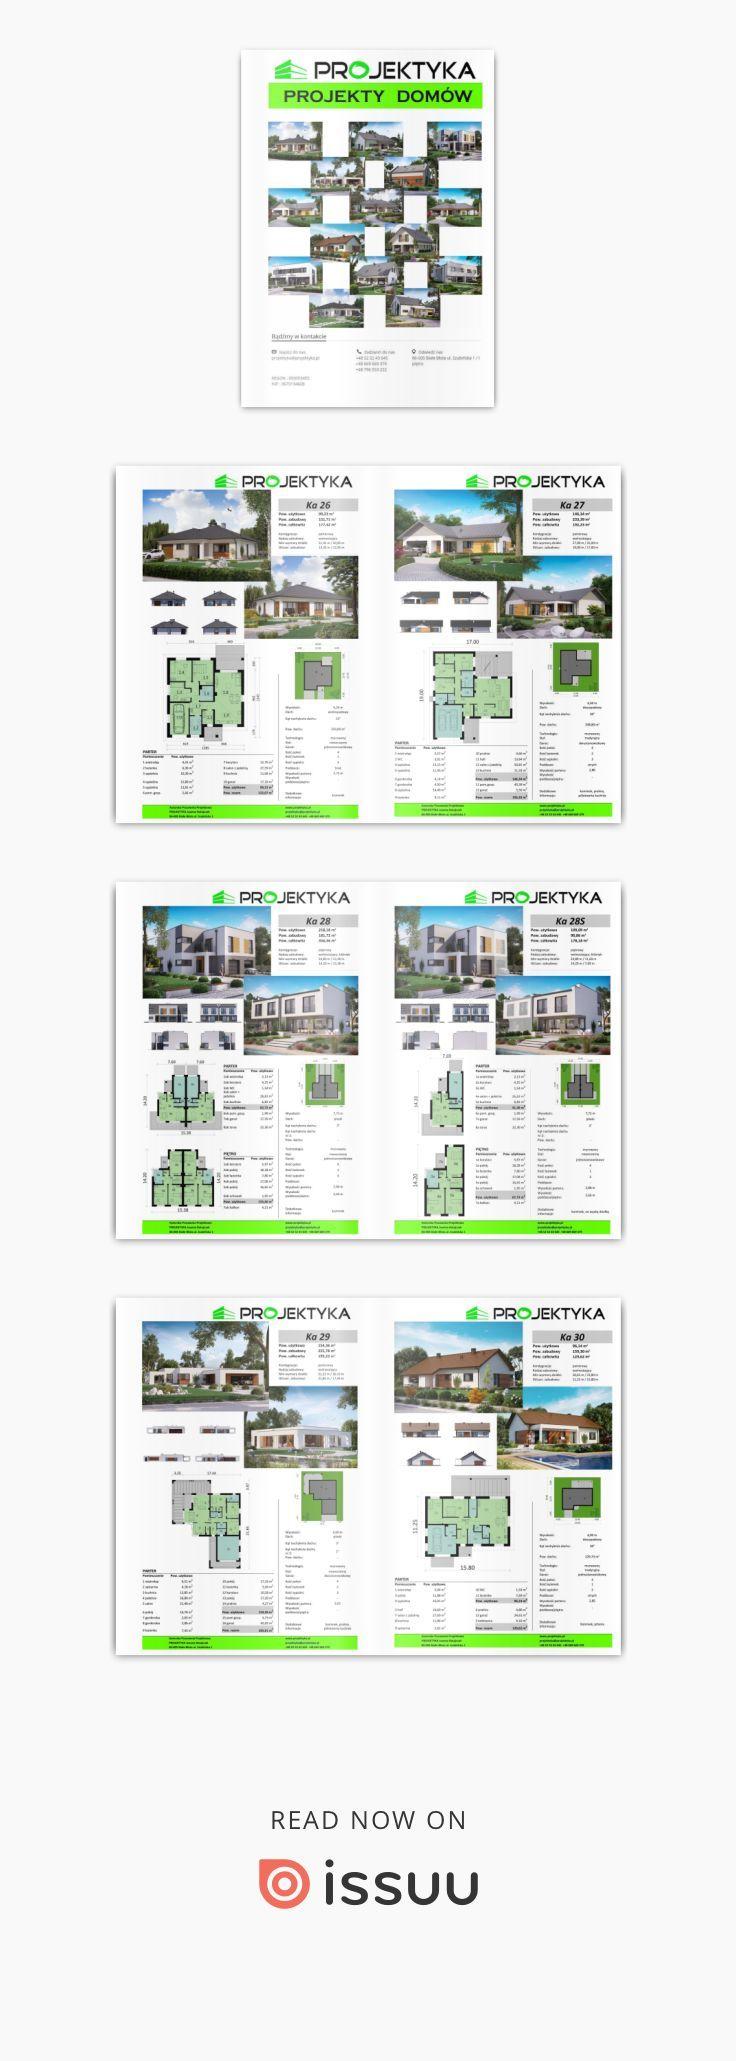 Katalog projektów  ProjektyKa - Katalog zawiera gotowe projekty domów.